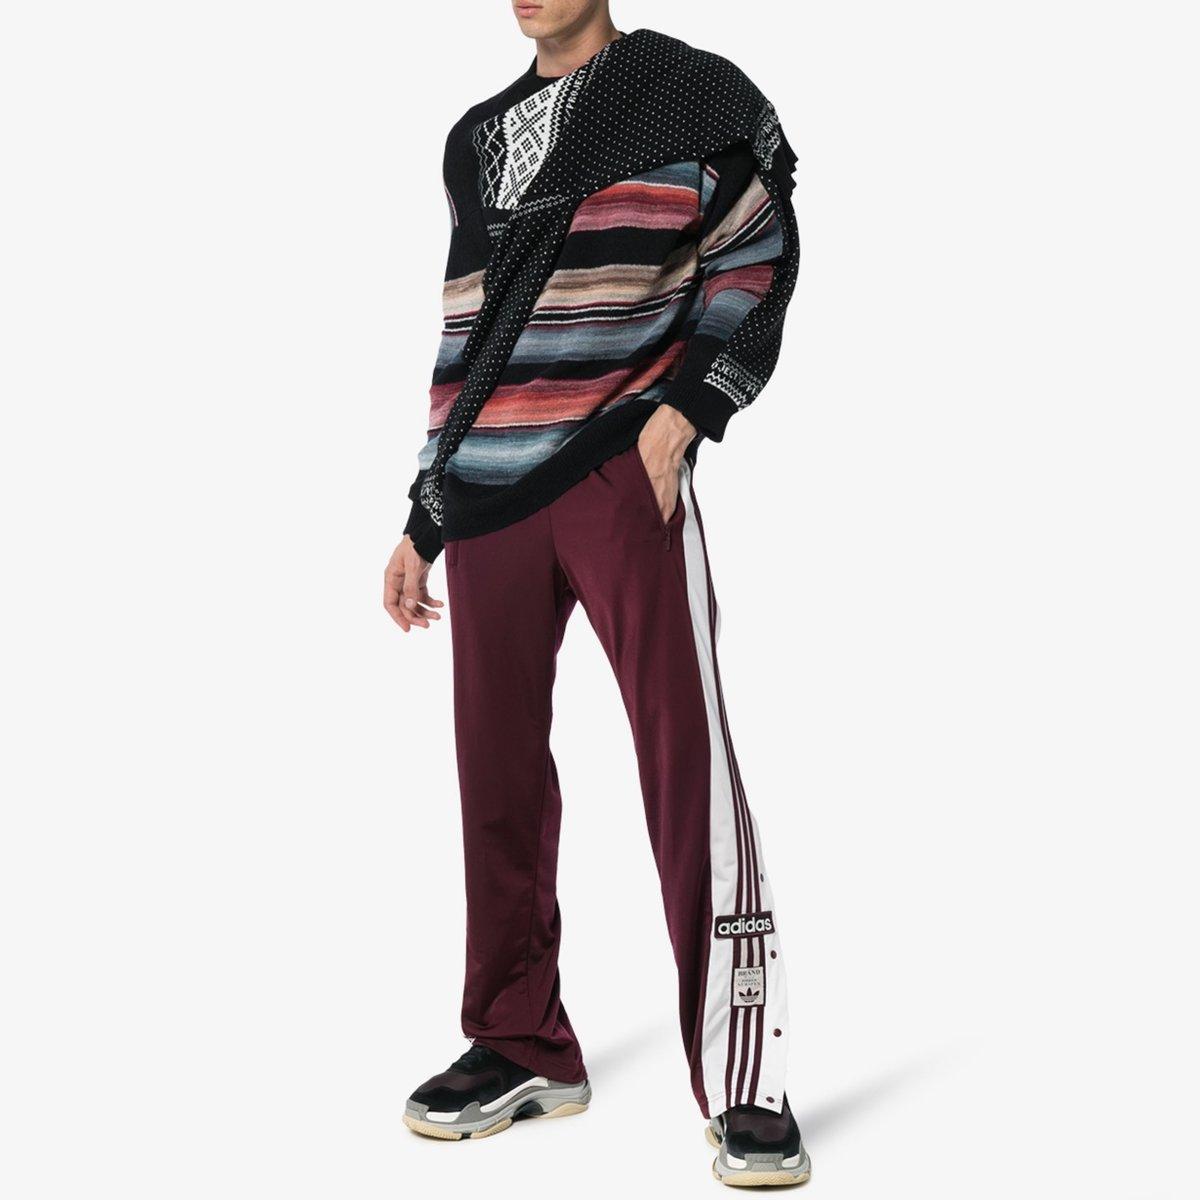 y-project-norwegian-panelled-knit-wool-jumper_13050727_13964896_1920.jpg